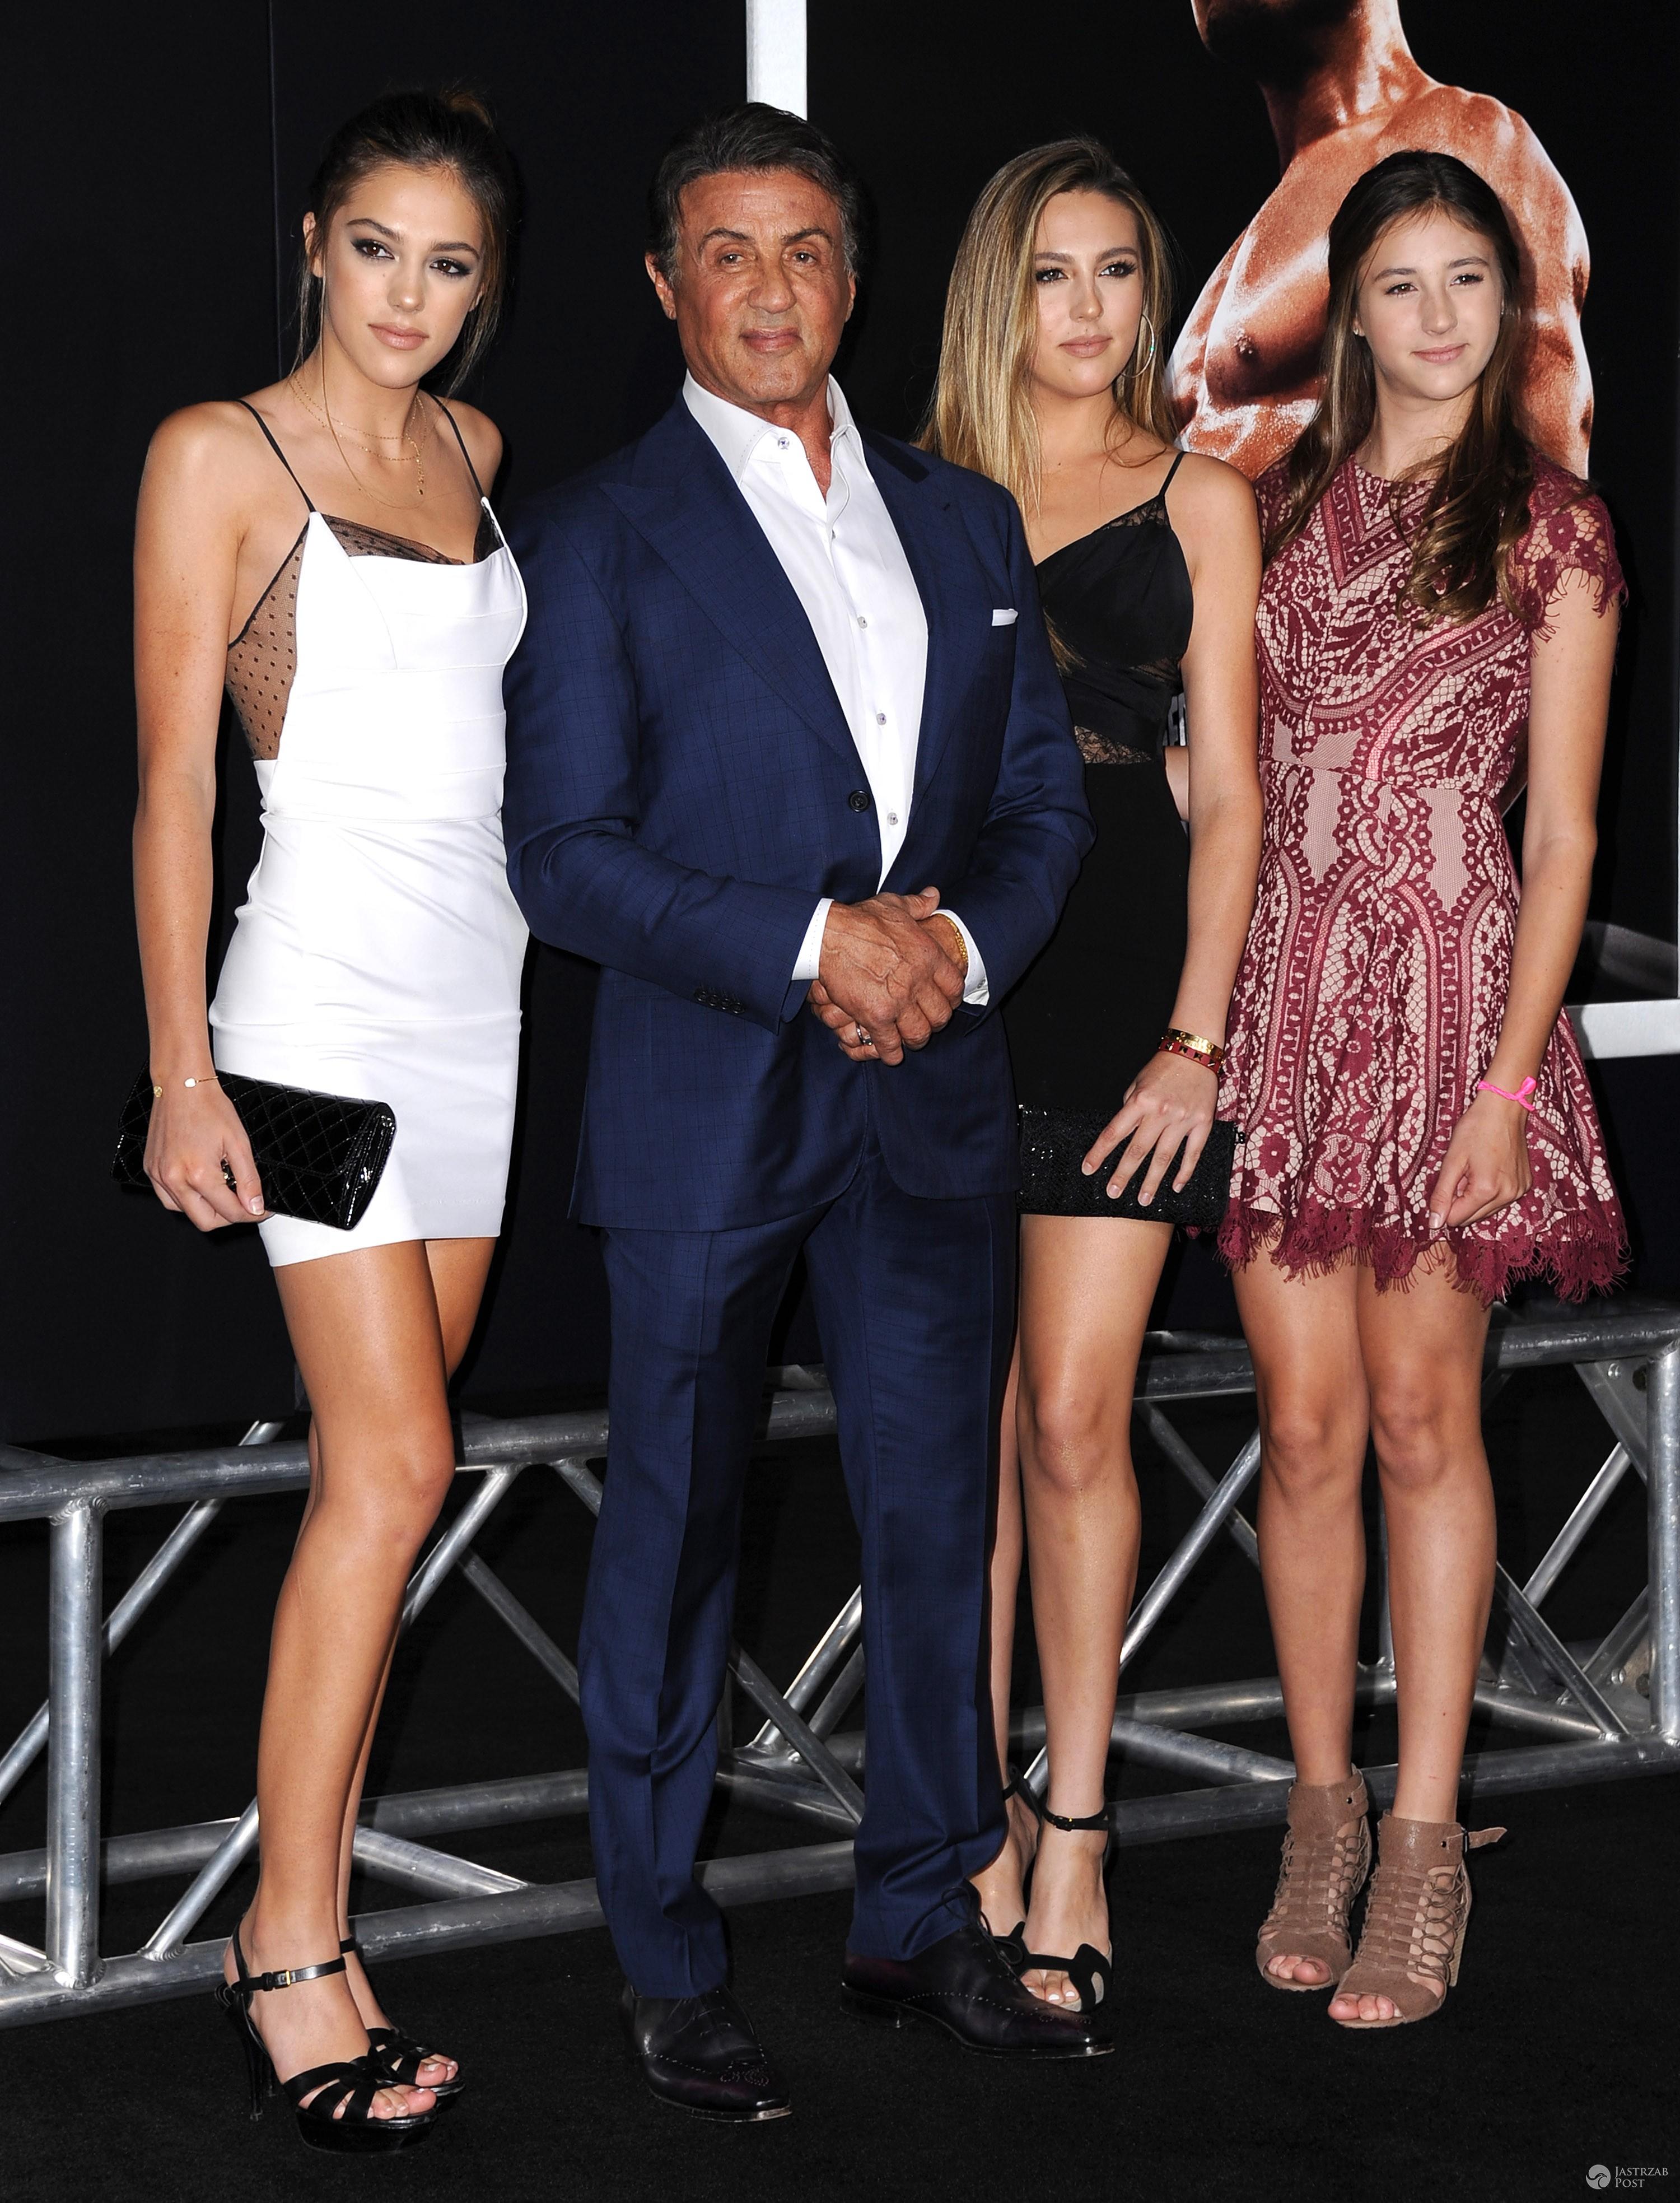 Sistine Stallone, Sophia Stallone, Scarlet Stallone